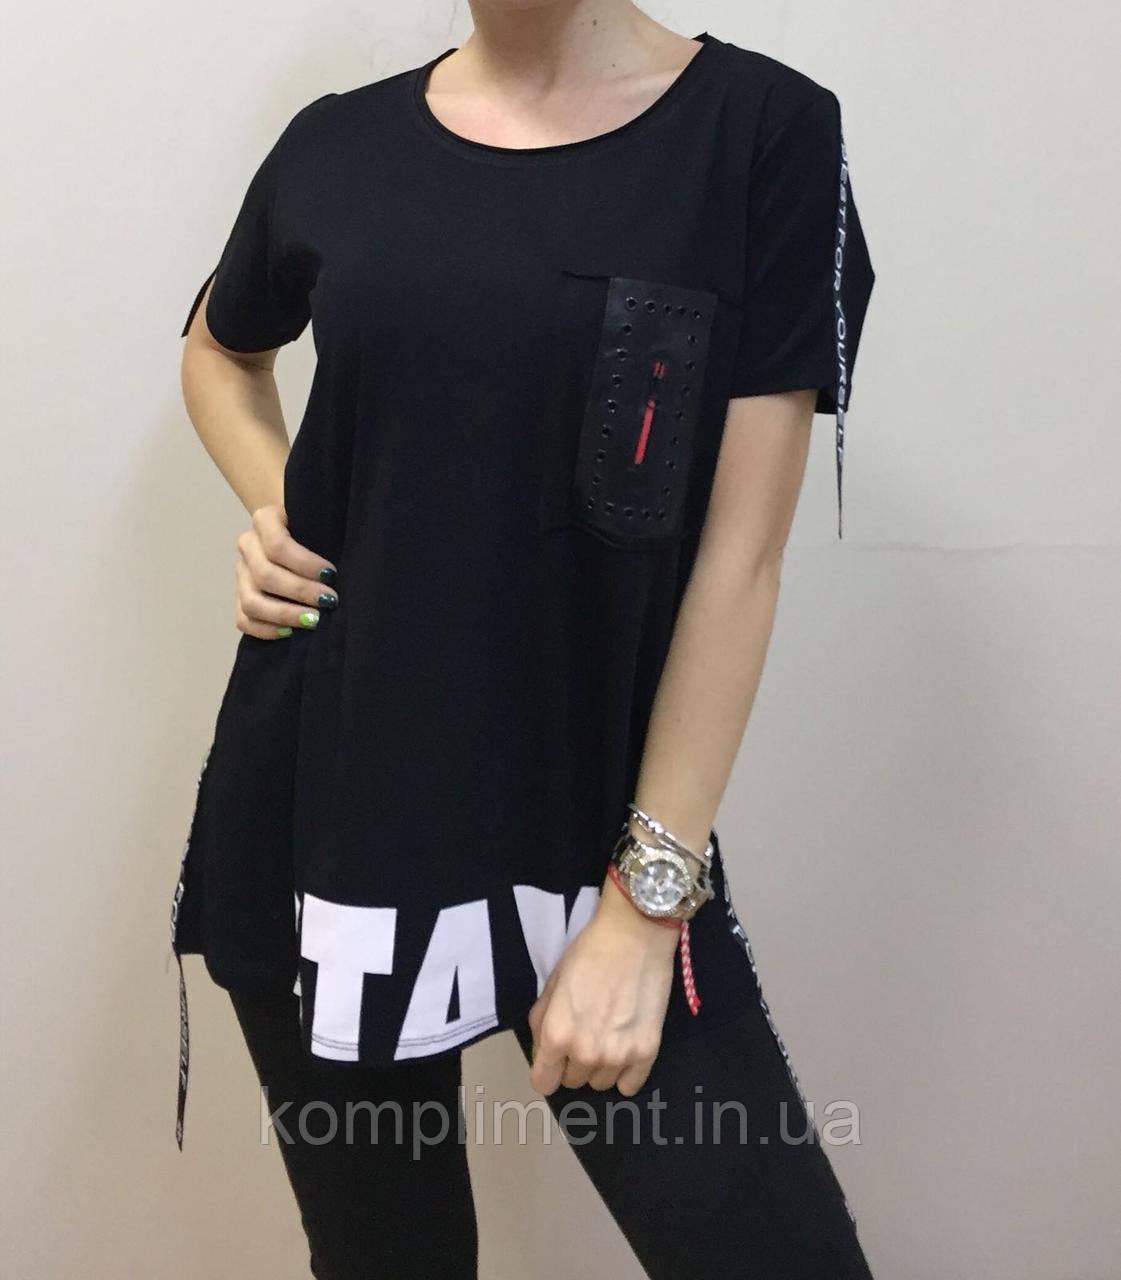 Летняя женская турецкая футболка 48-50 черная